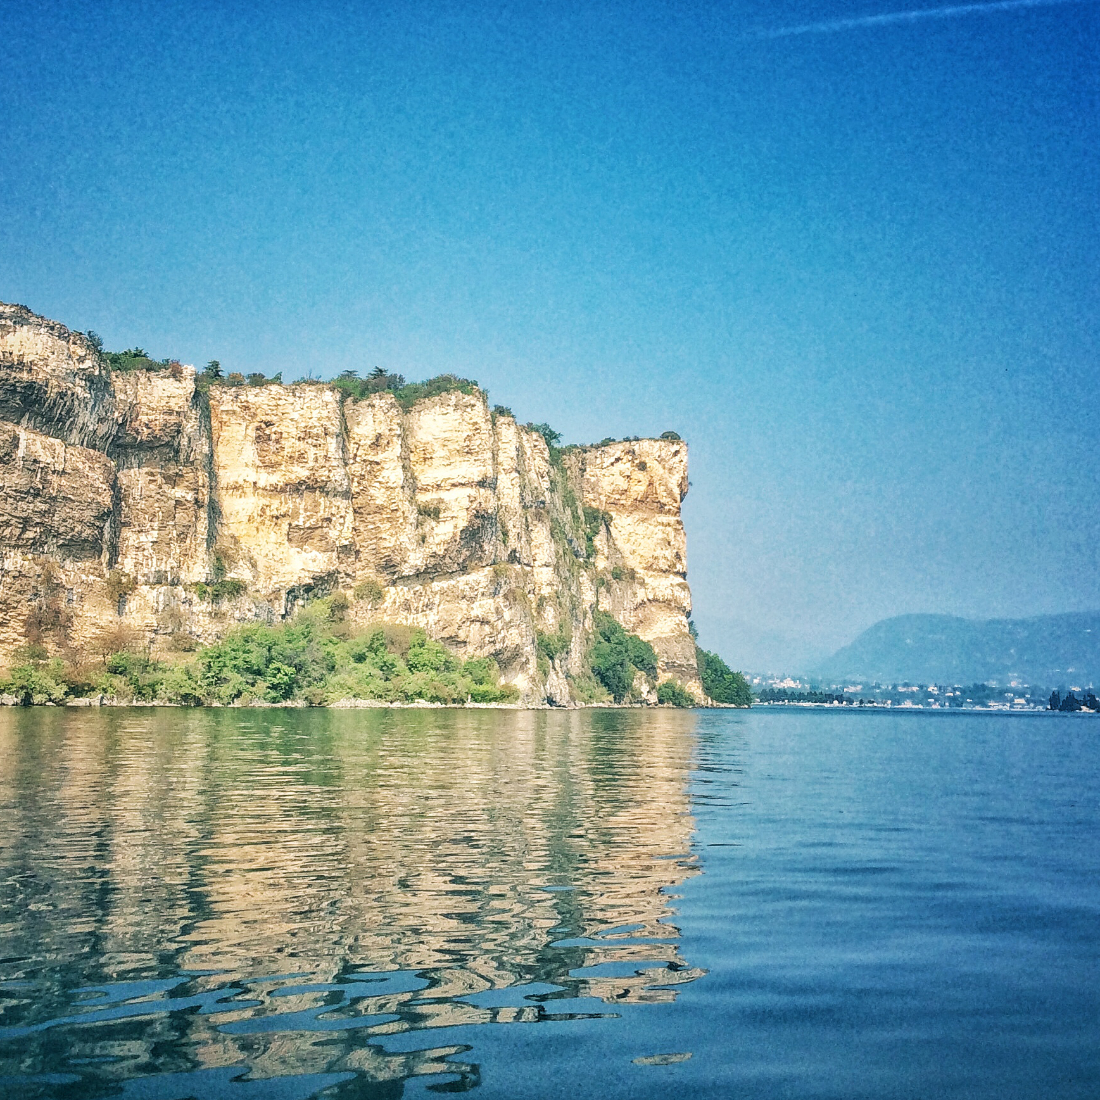 West Coast Boat Tour